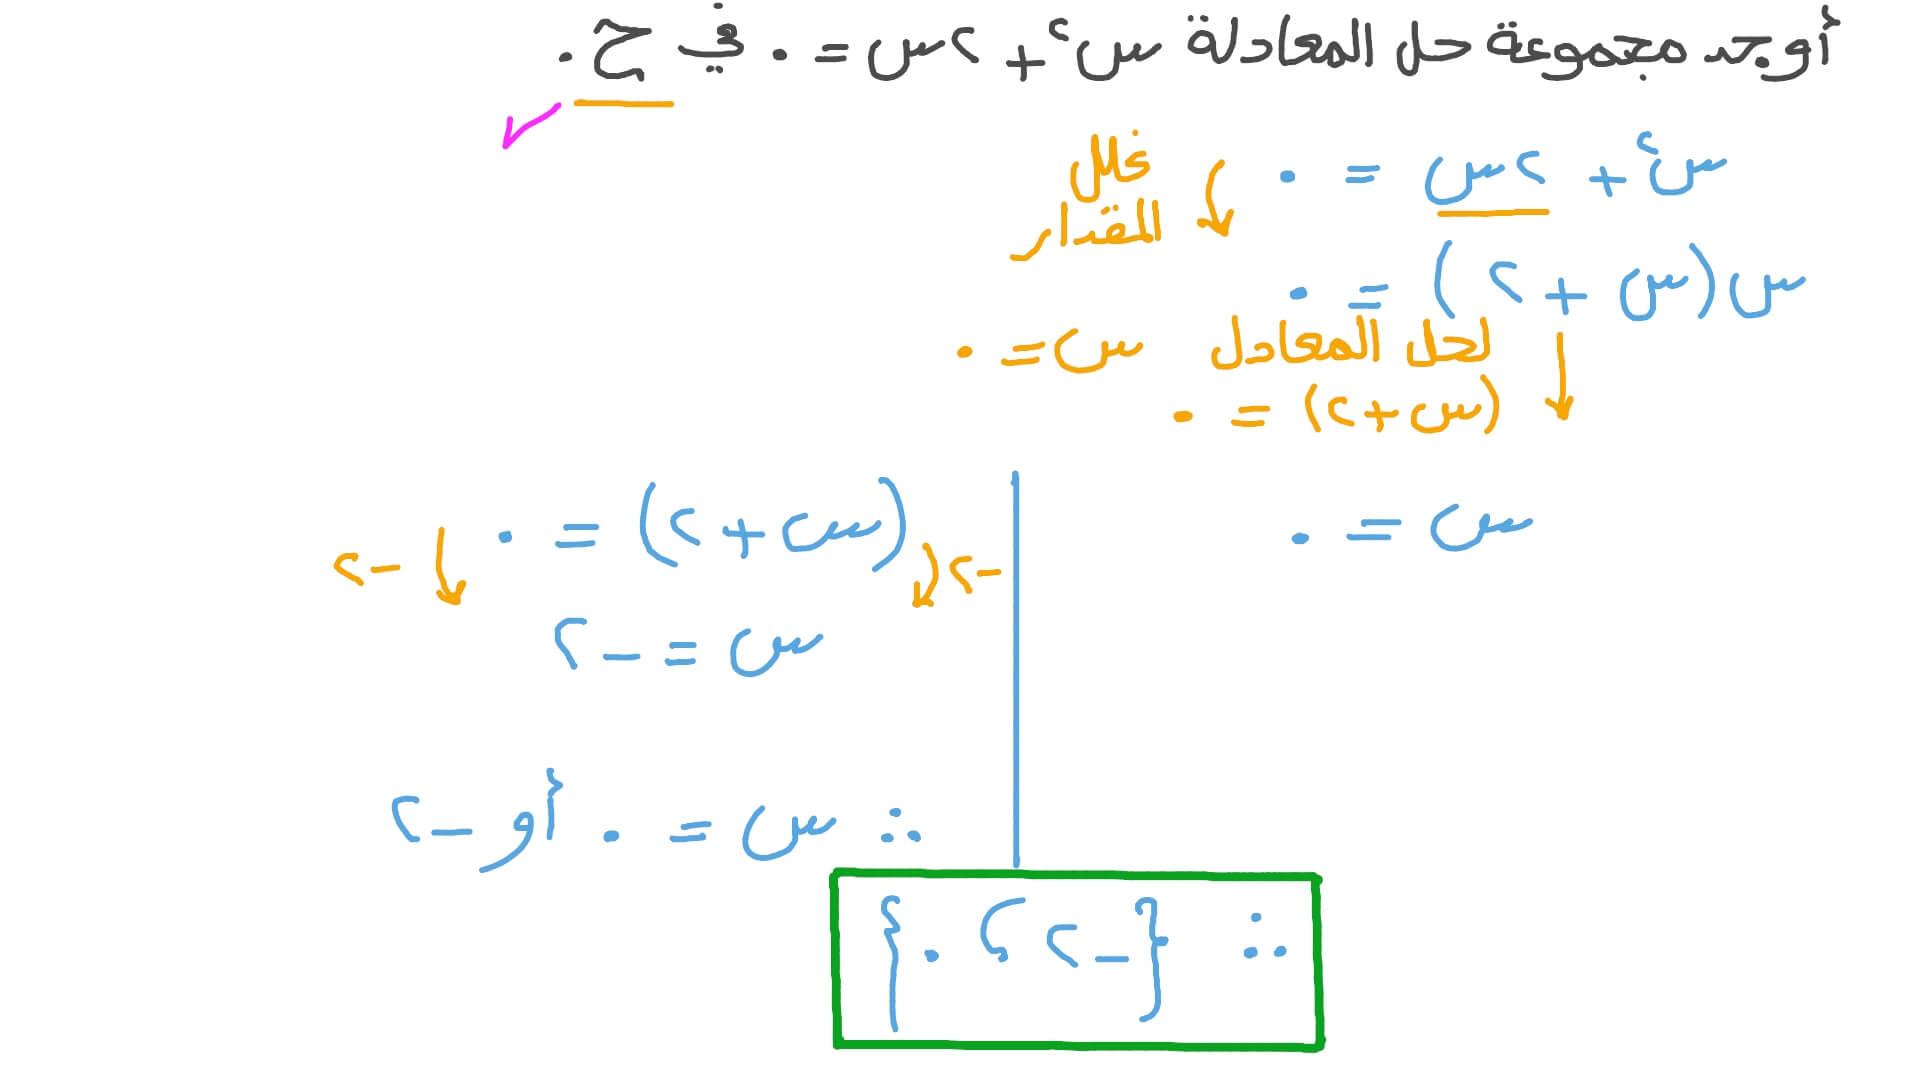 حل معادلة من الدرجة الثانية في متغير واحد بالتحليل صف تاسع Youtube